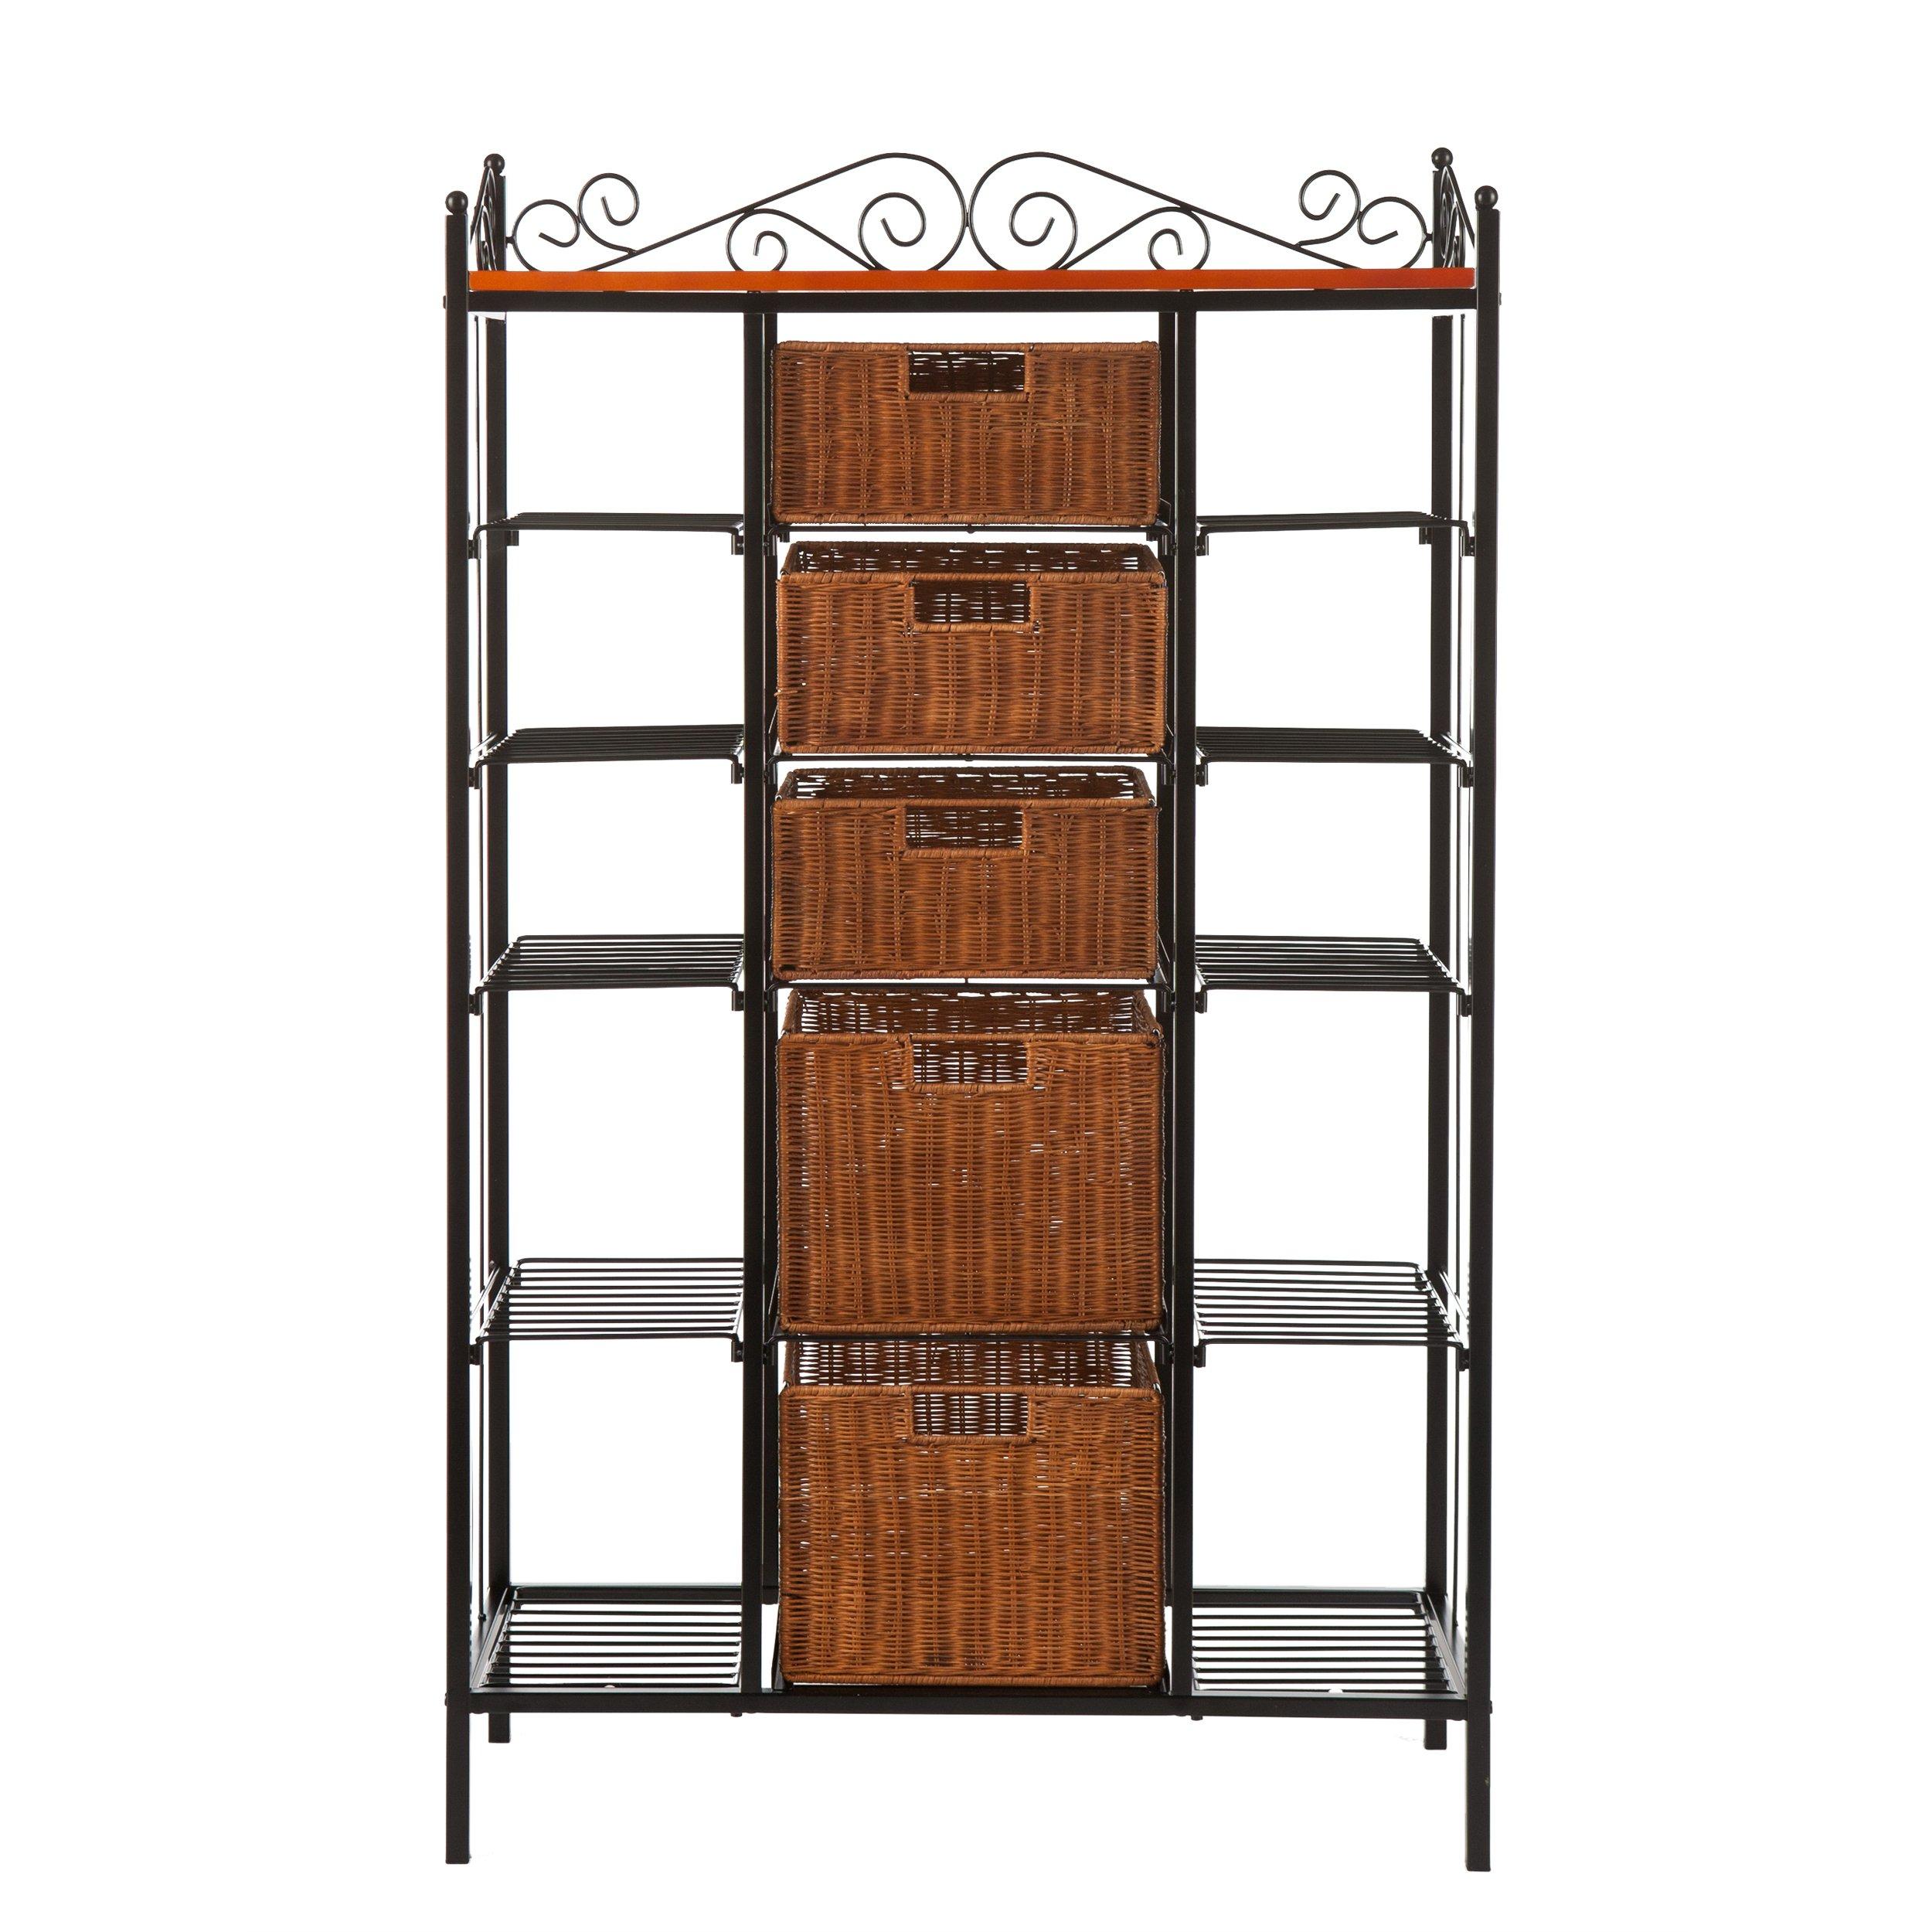 Harper Blvd Storage Shelves with Rattan Baskets by Harper Blvd